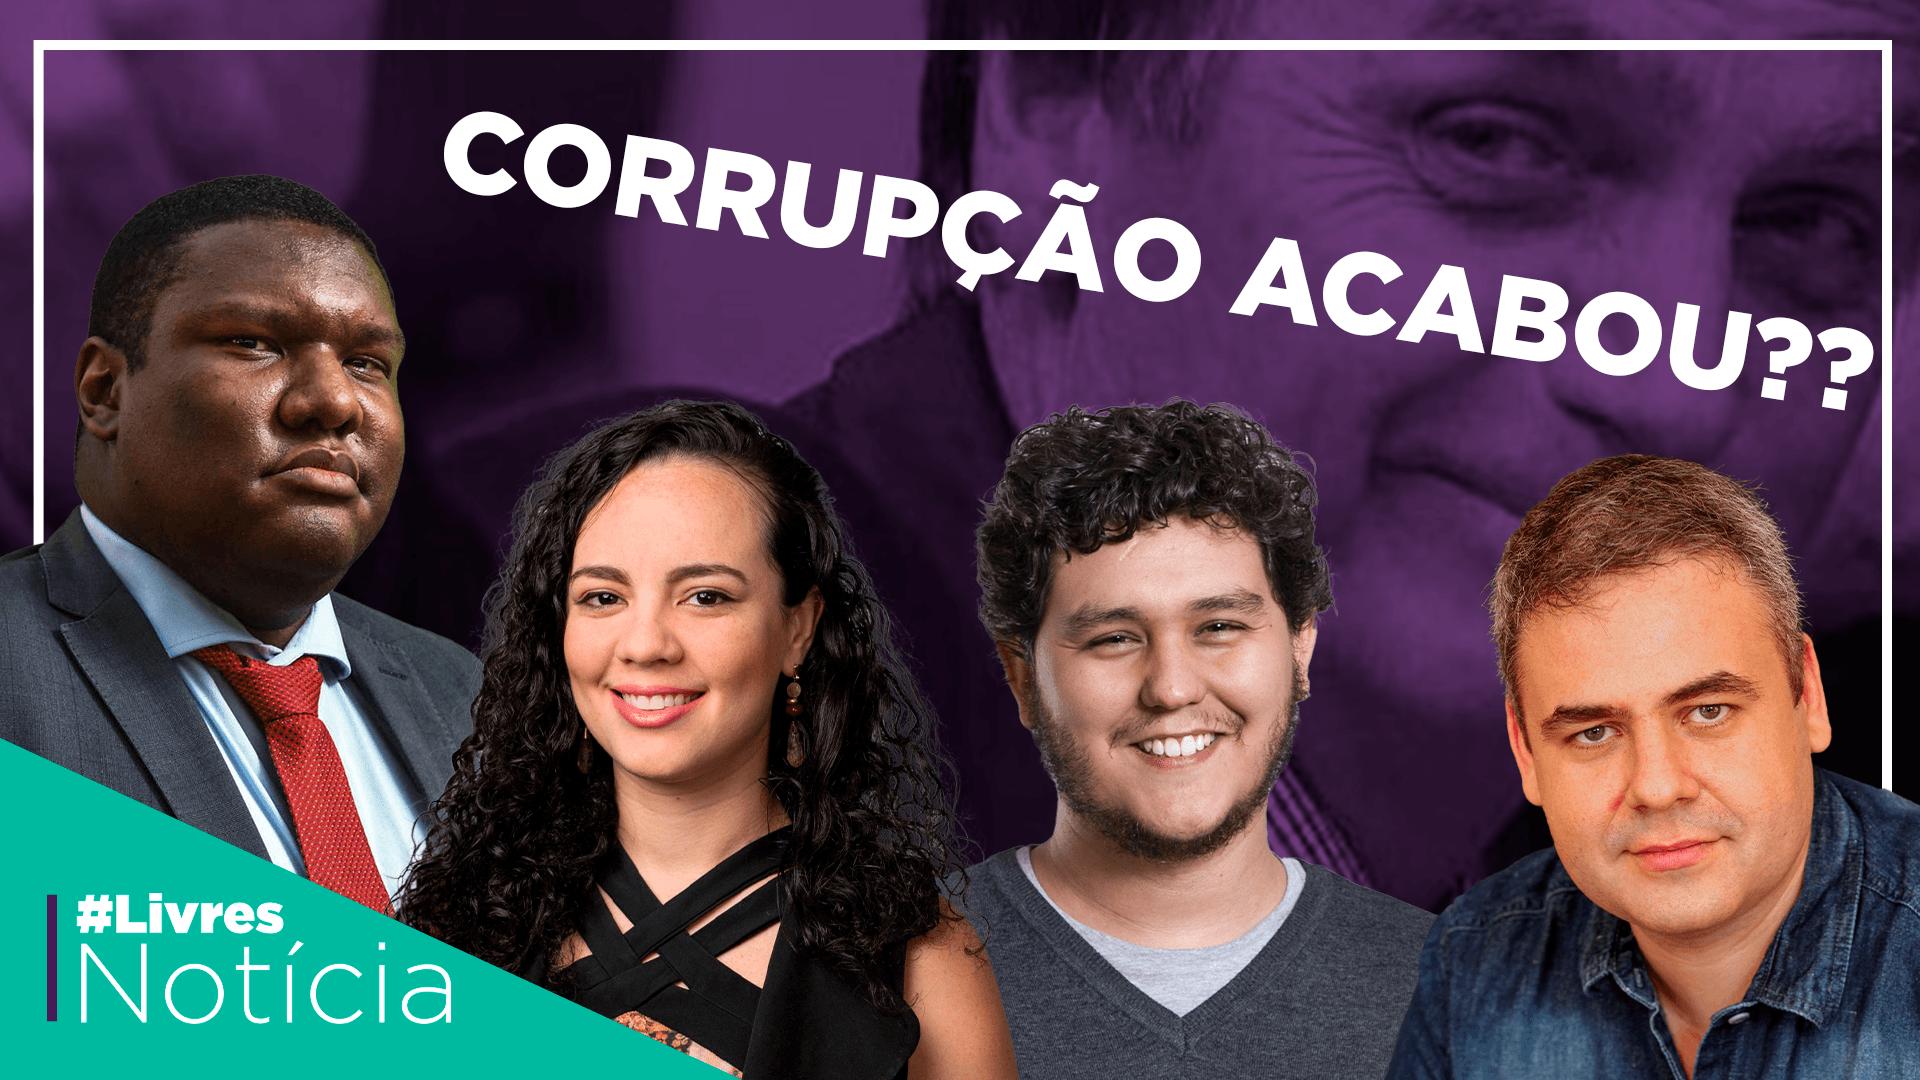 Corrupção no governo Bolsonaro: é o fim? | LivresNotícia AO VIVO – 09/10